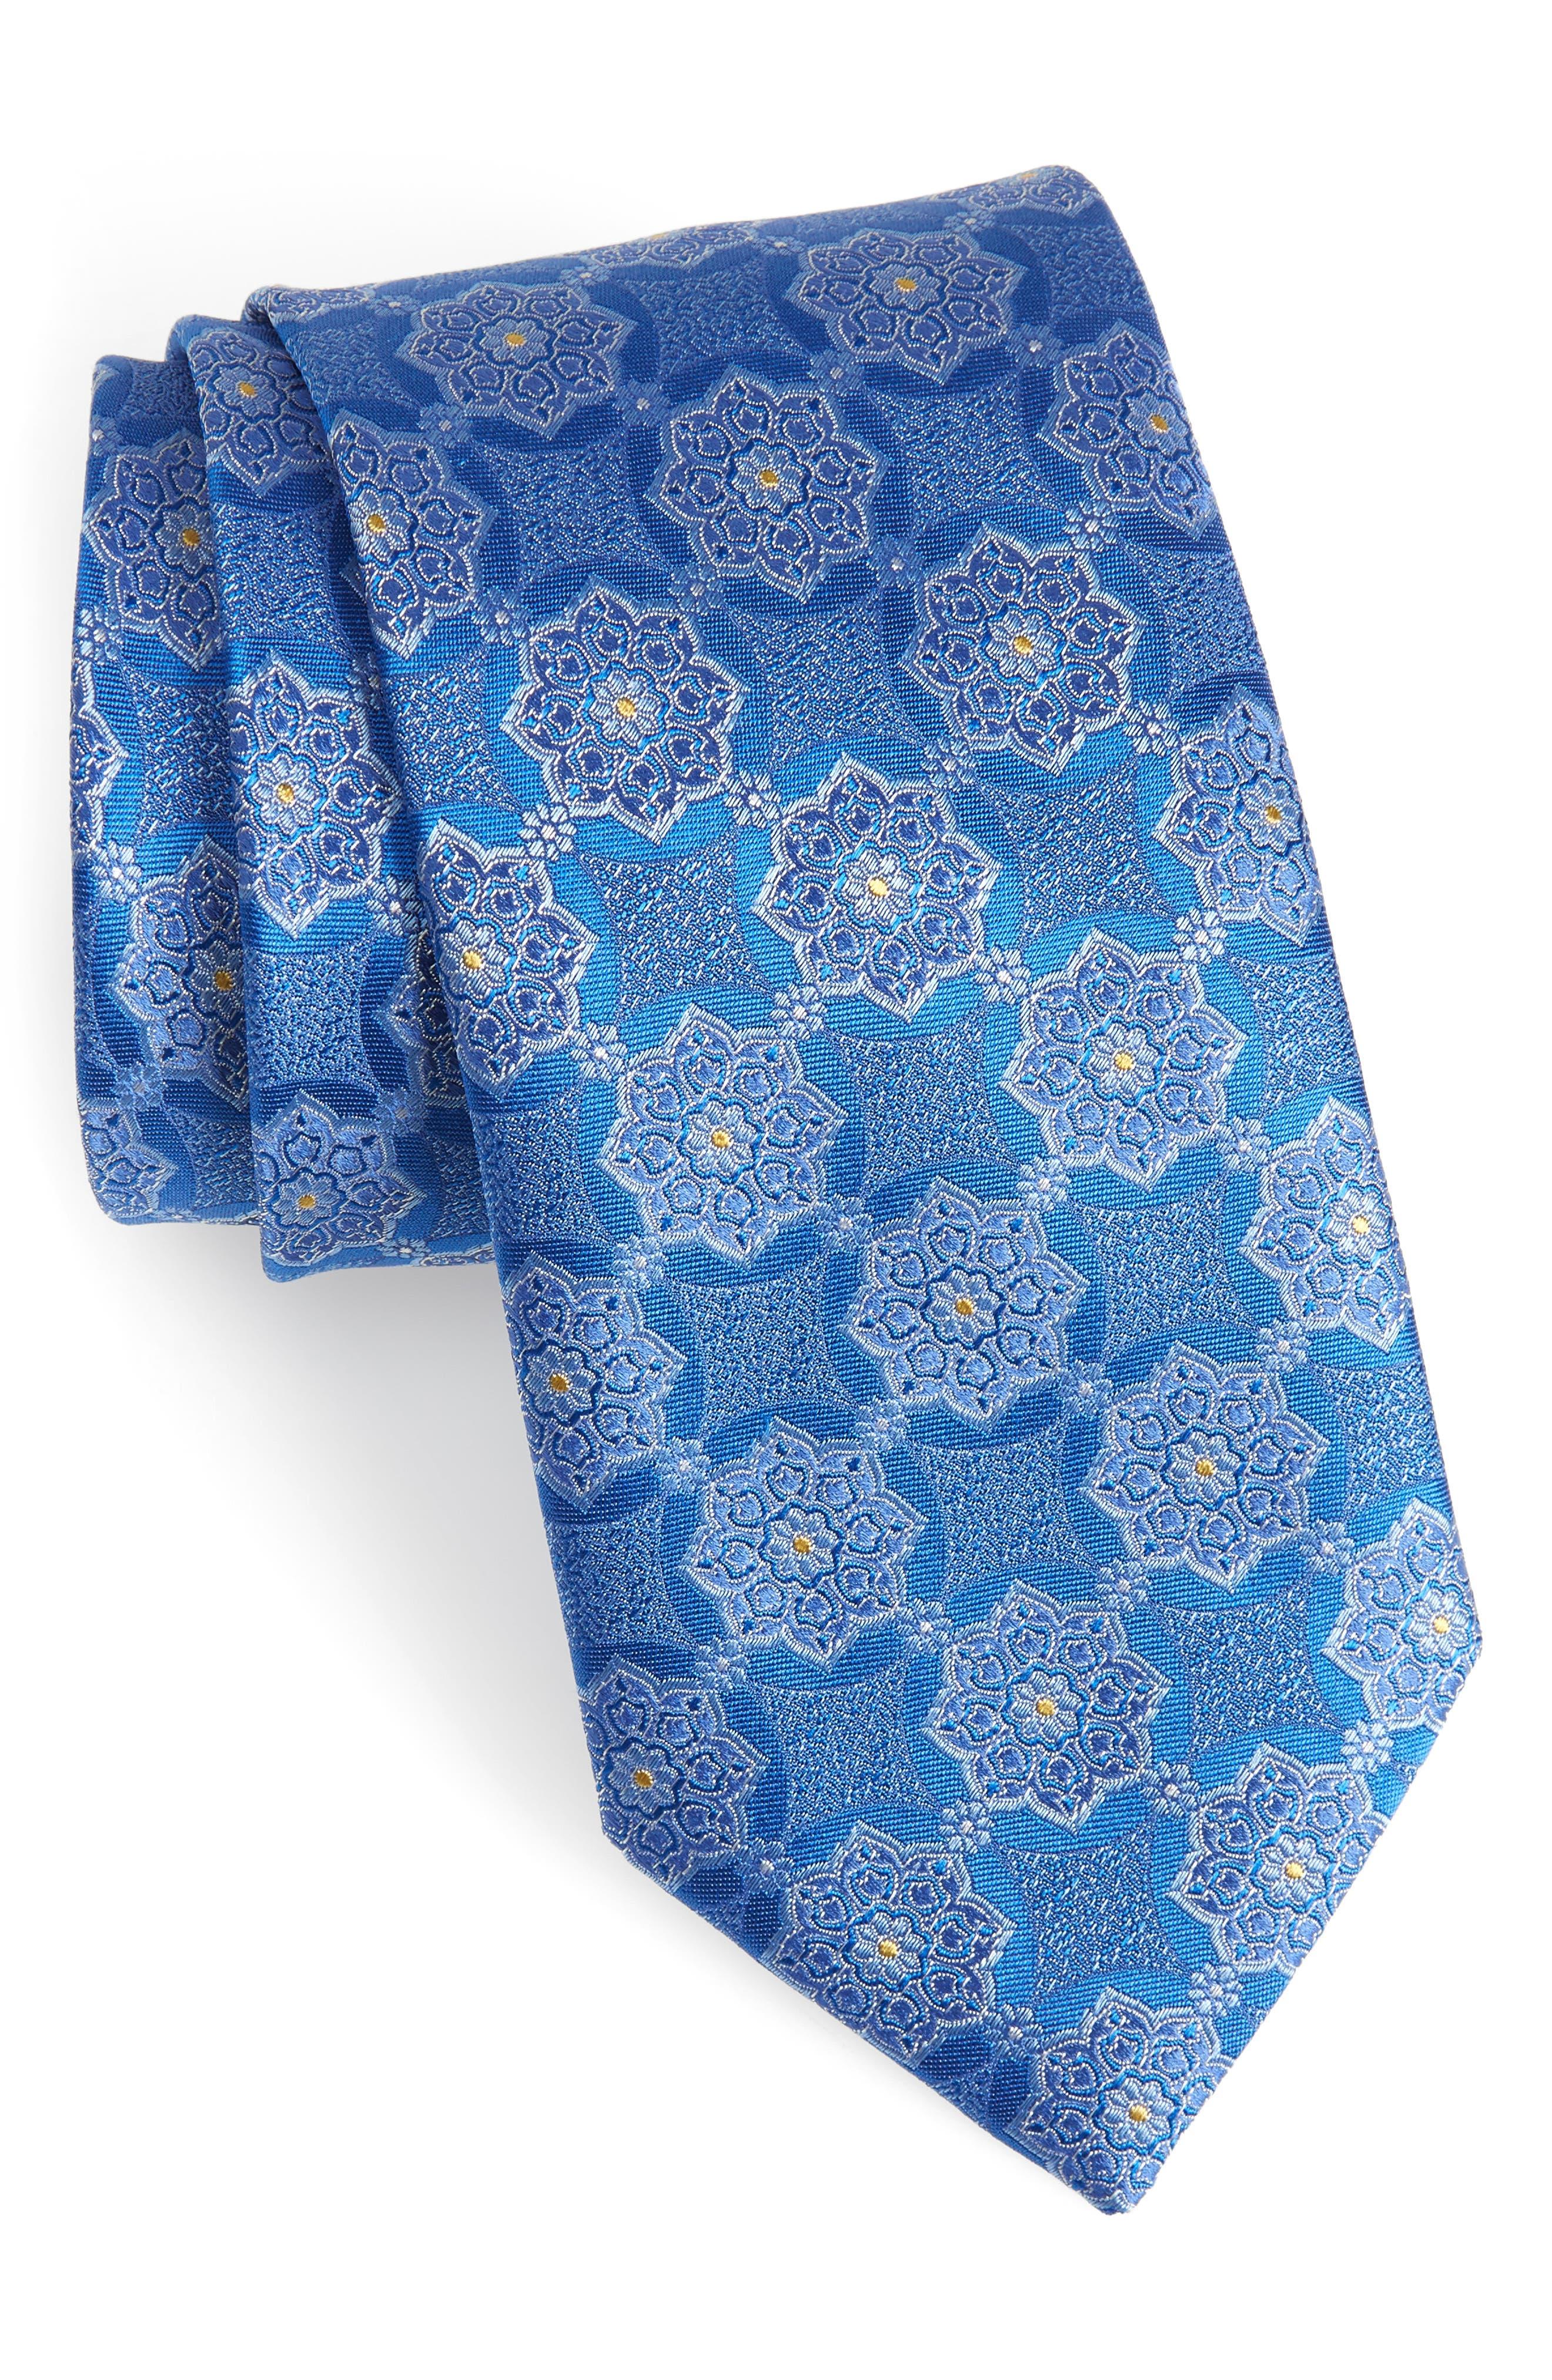 Medallion Silk Tie,                         Main,                         color, 420